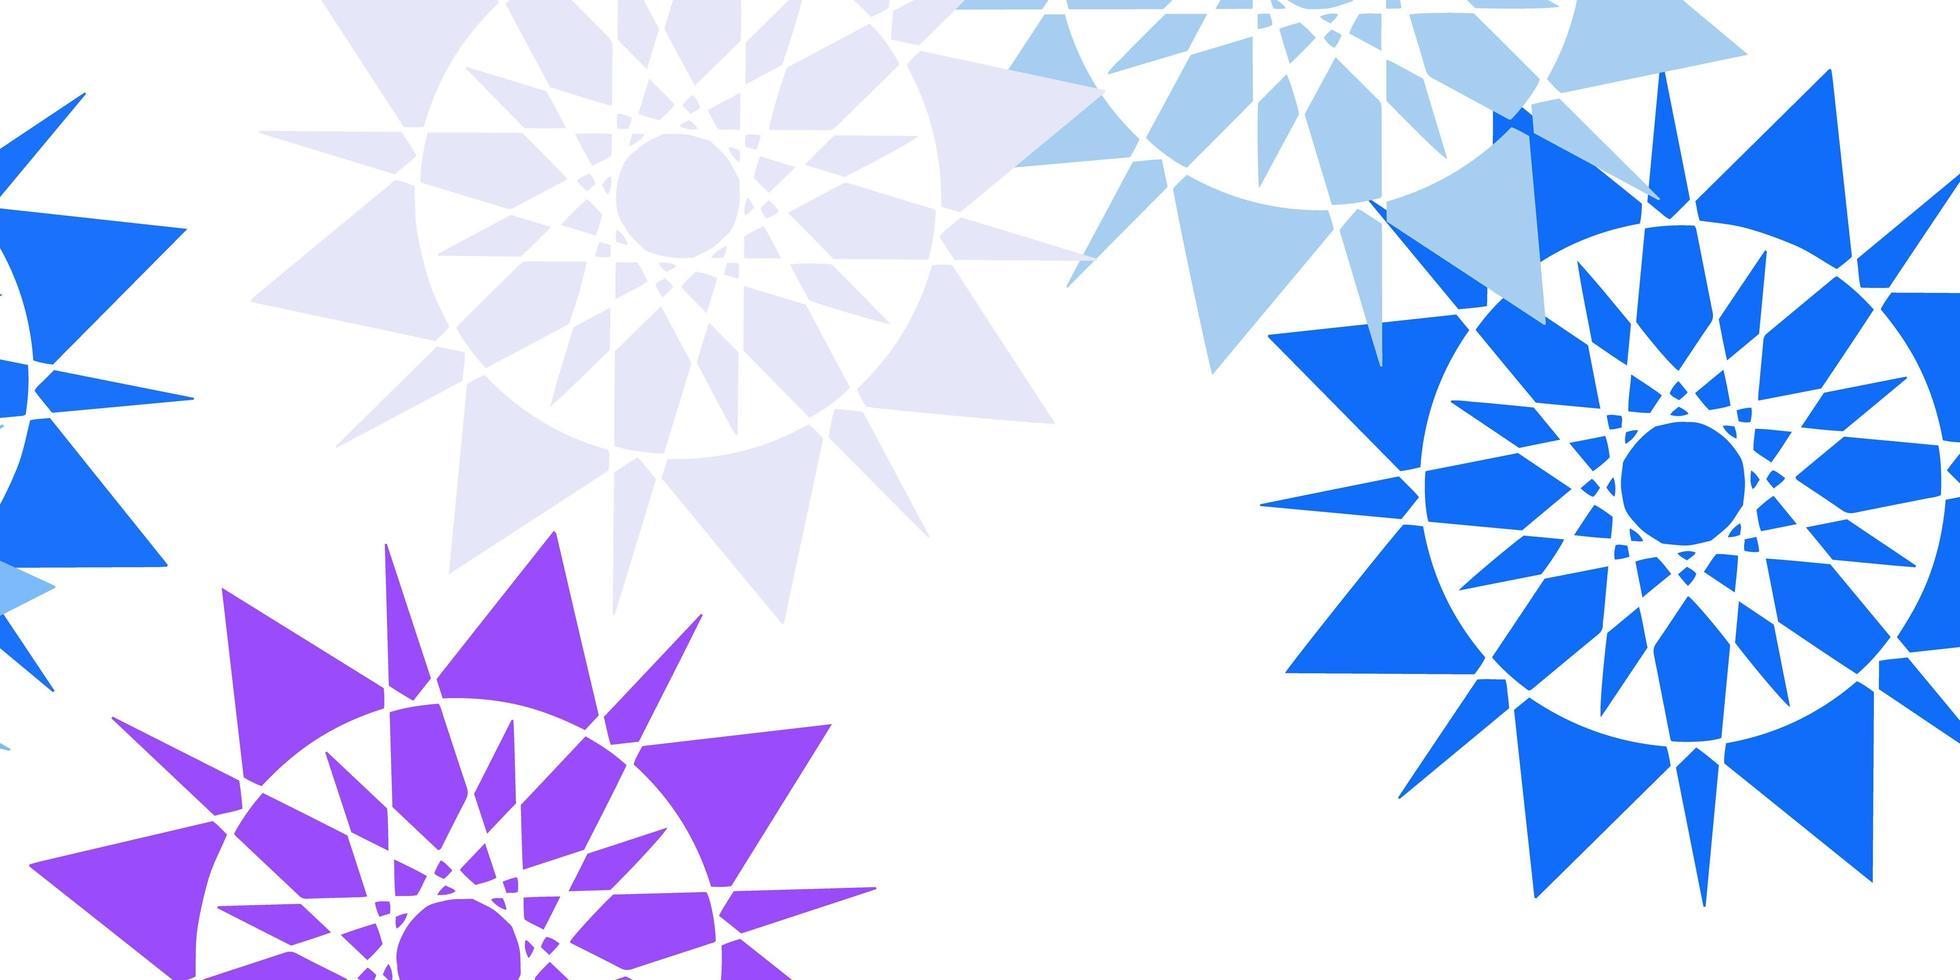 modèle vectoriel rose clair, bleu avec des flocons de neige colorés.